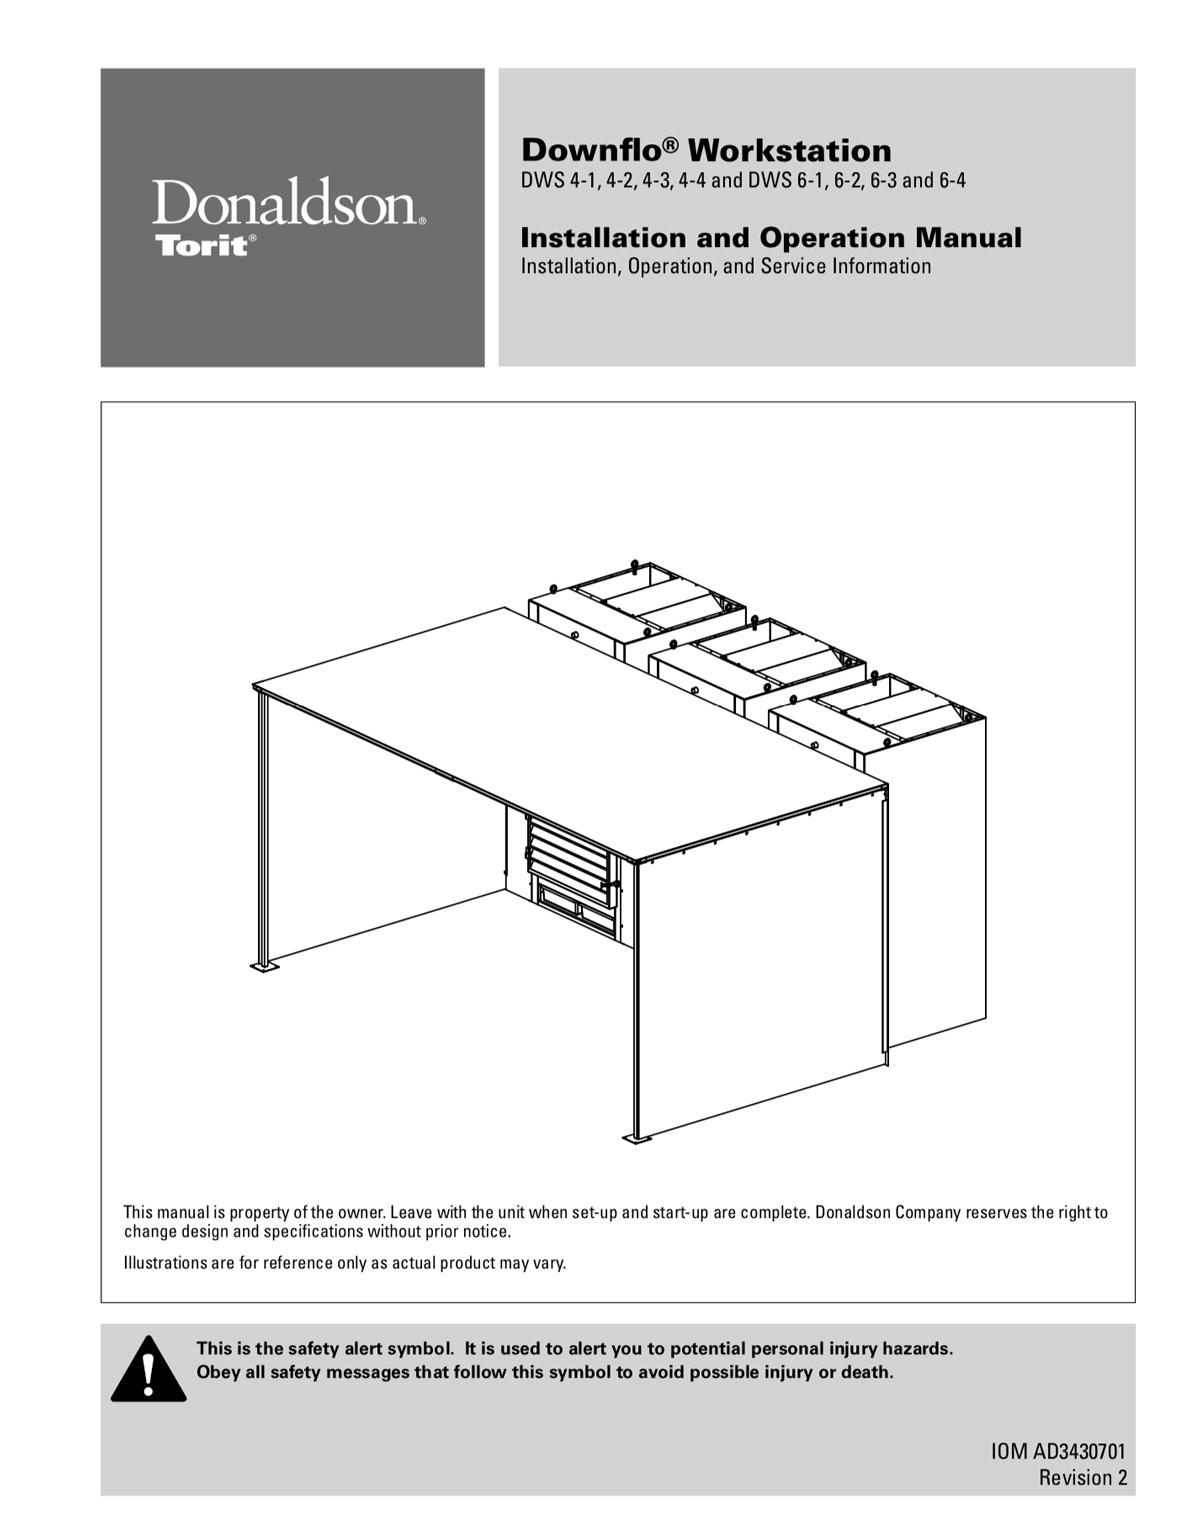 Downflo Workstation DWS 4-1 to 6-4